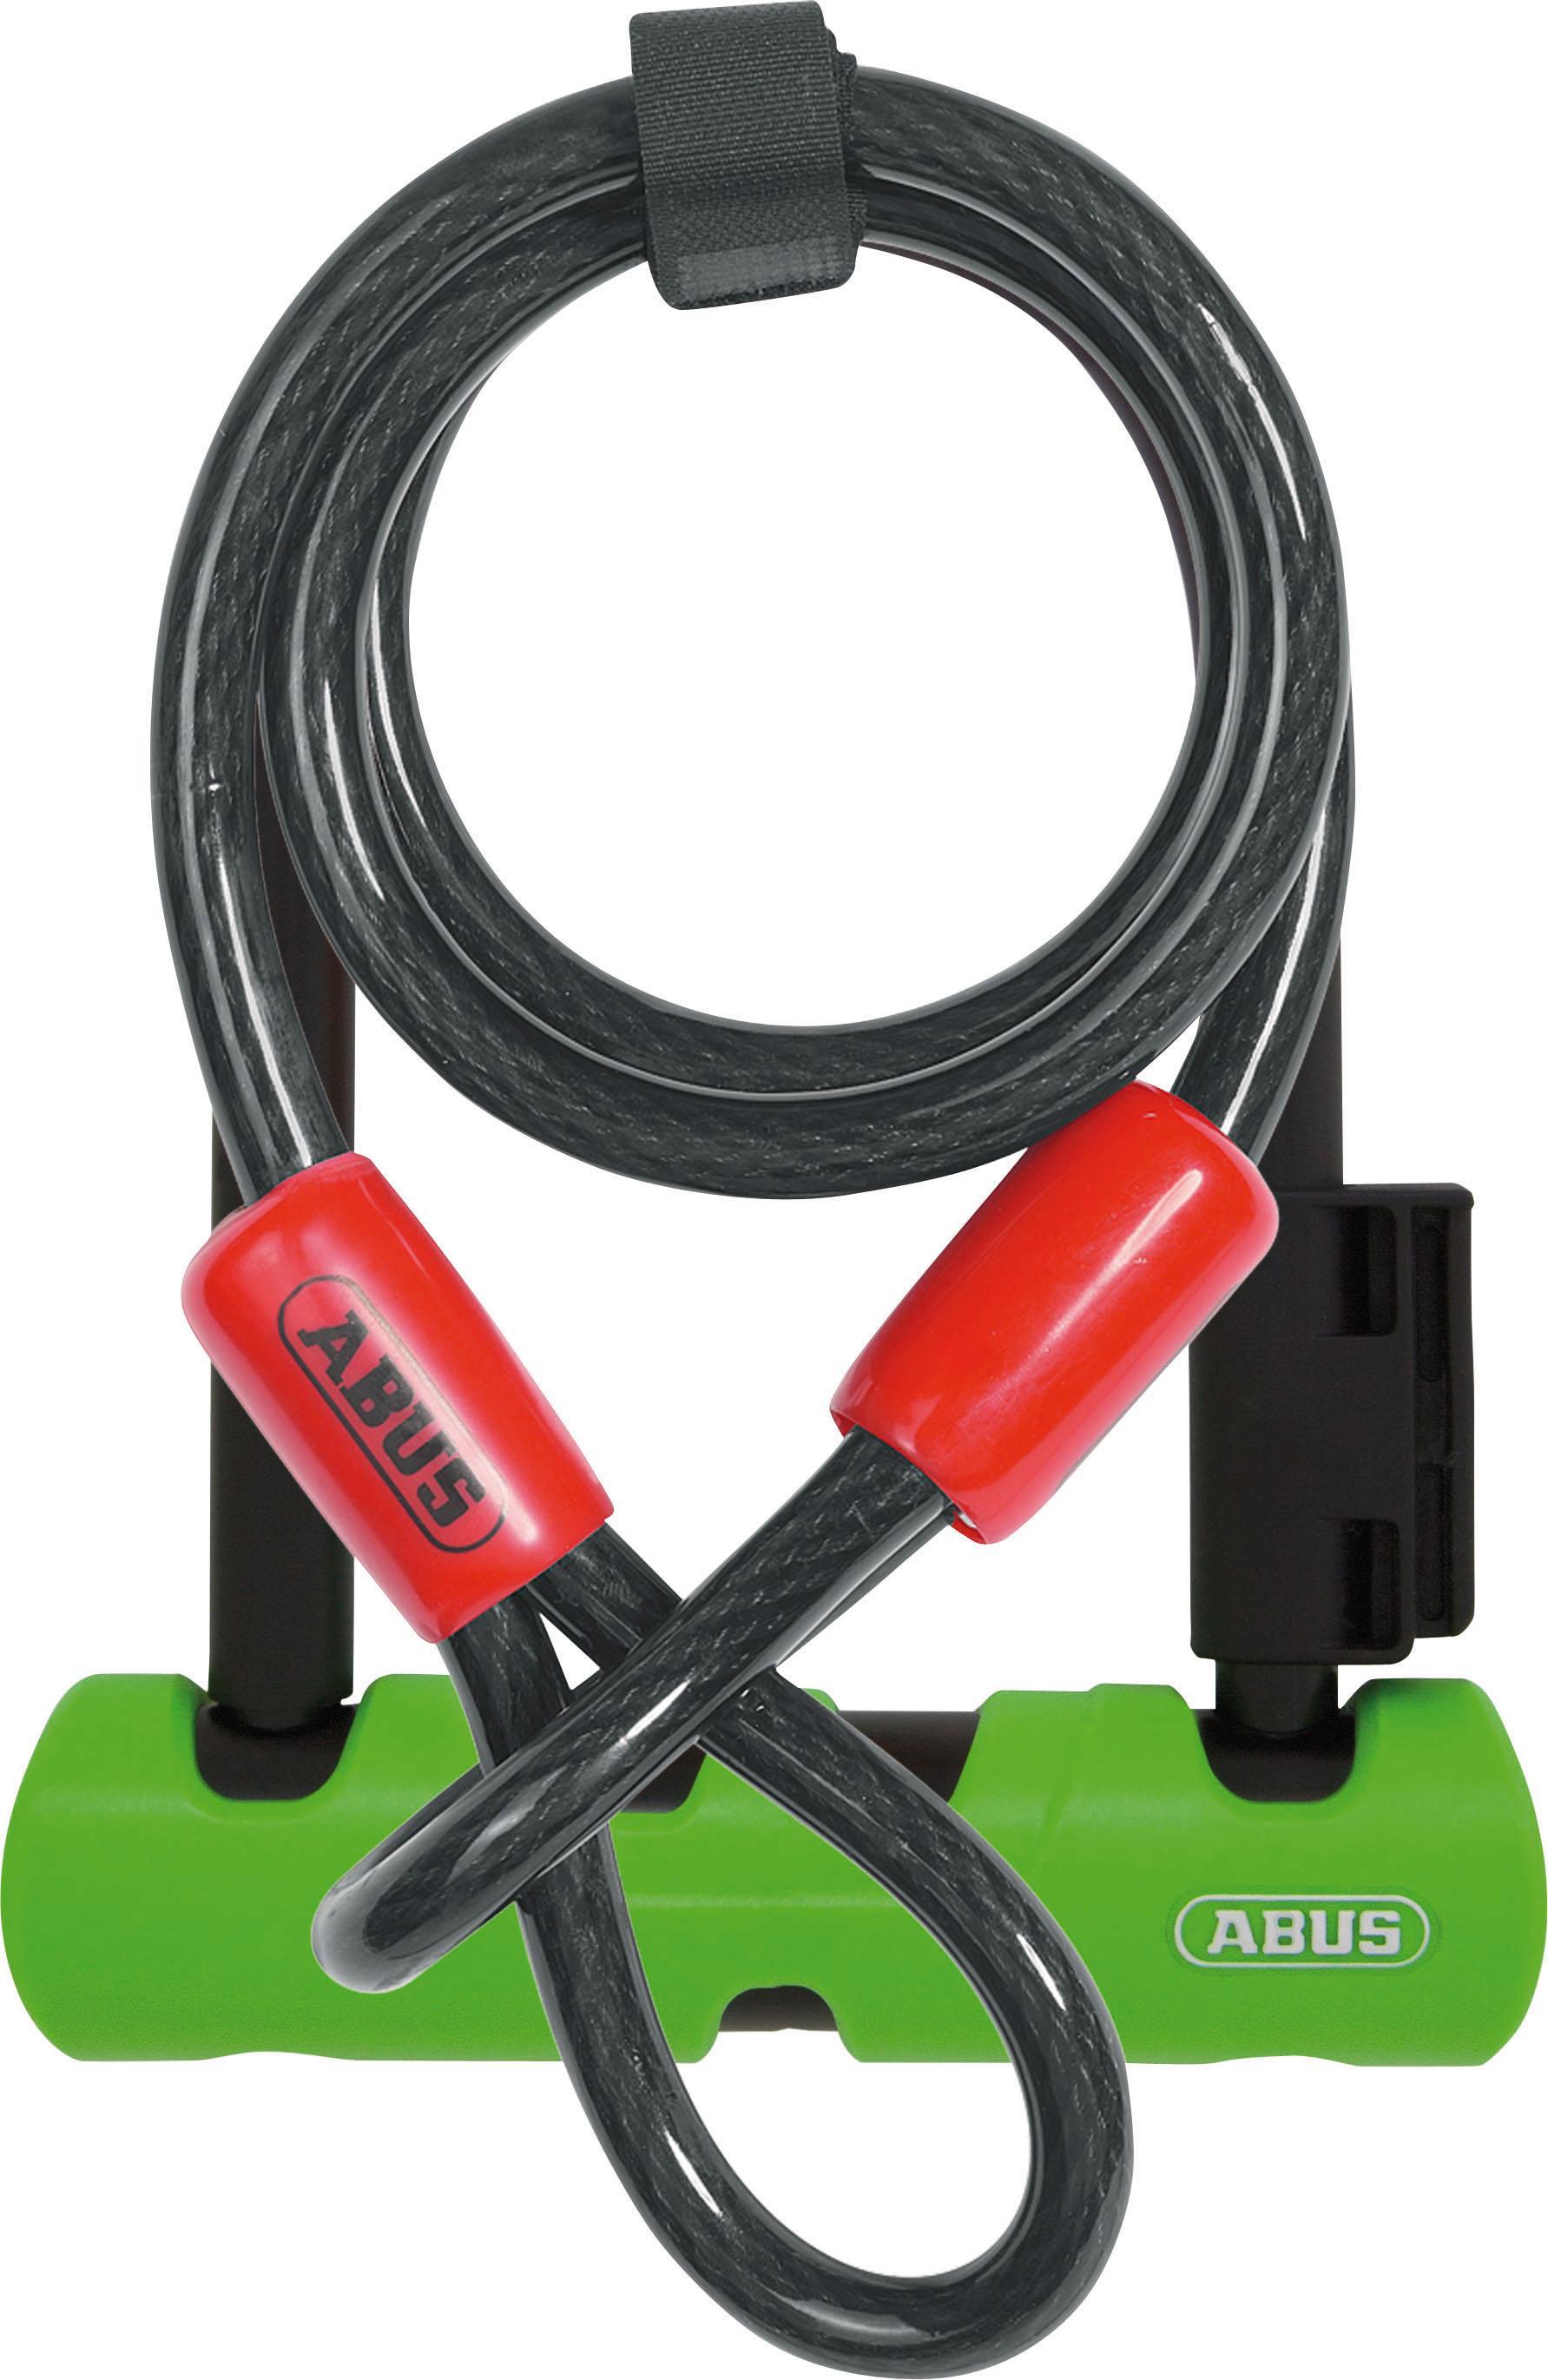 ABUS Bügelschloss 410/150HB140 SH34 +Cobra 10/120 Technik & Freizeit/Sport & Freizeit/Fahrräder & Zubehör/Fahrradzubehör/Fahrradschlösser/Bügelschlösser